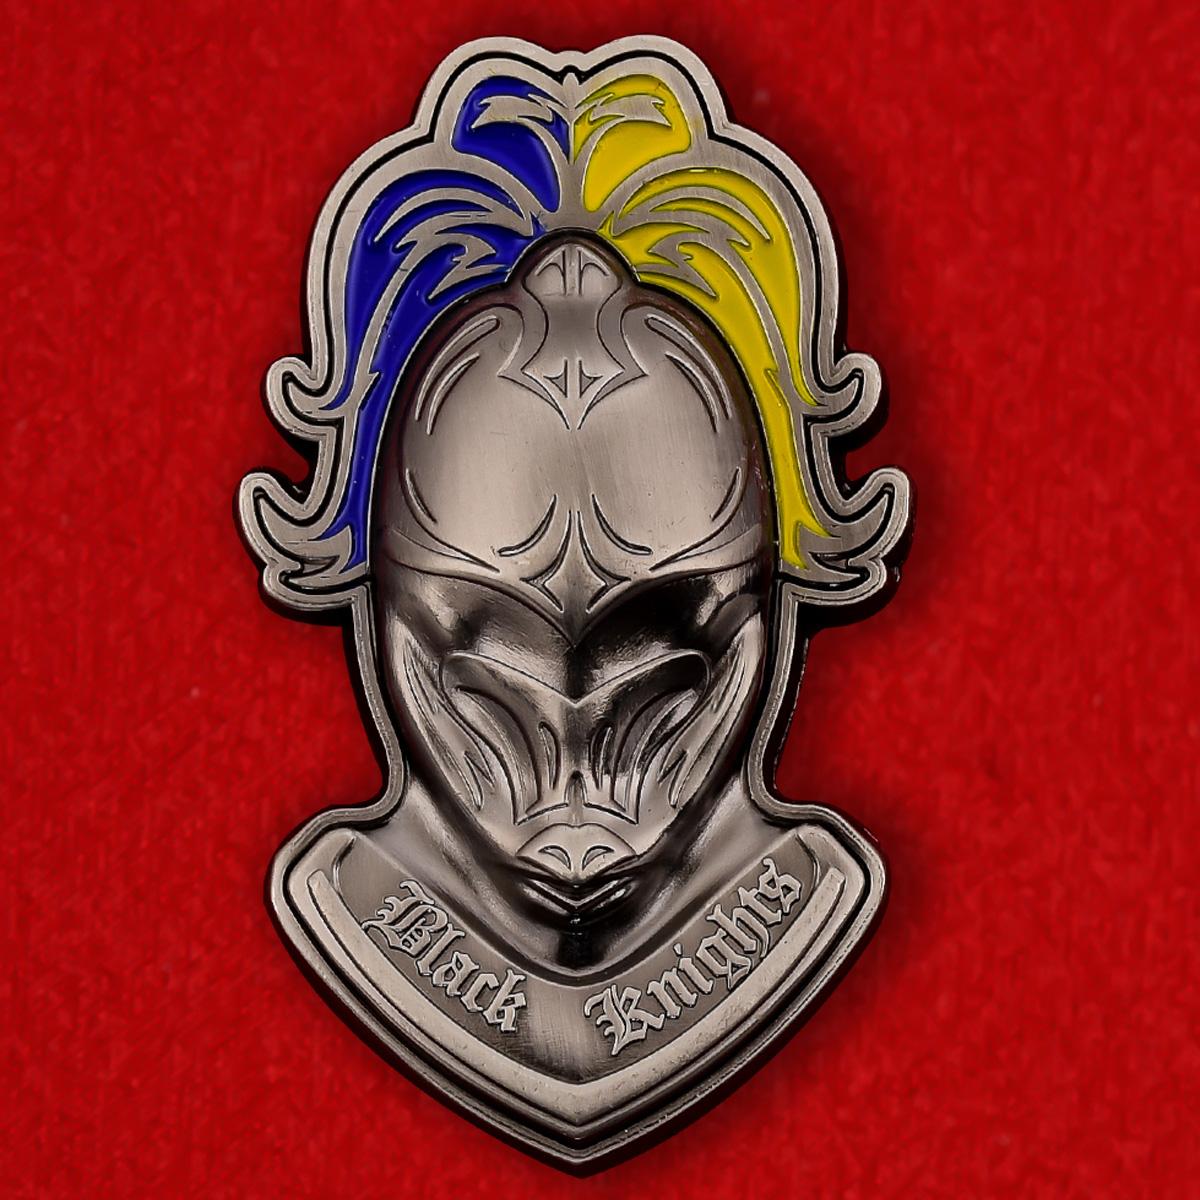 """Челлендж коин """"Контролеру эскадрильи 19-го крыла от командования"""""""